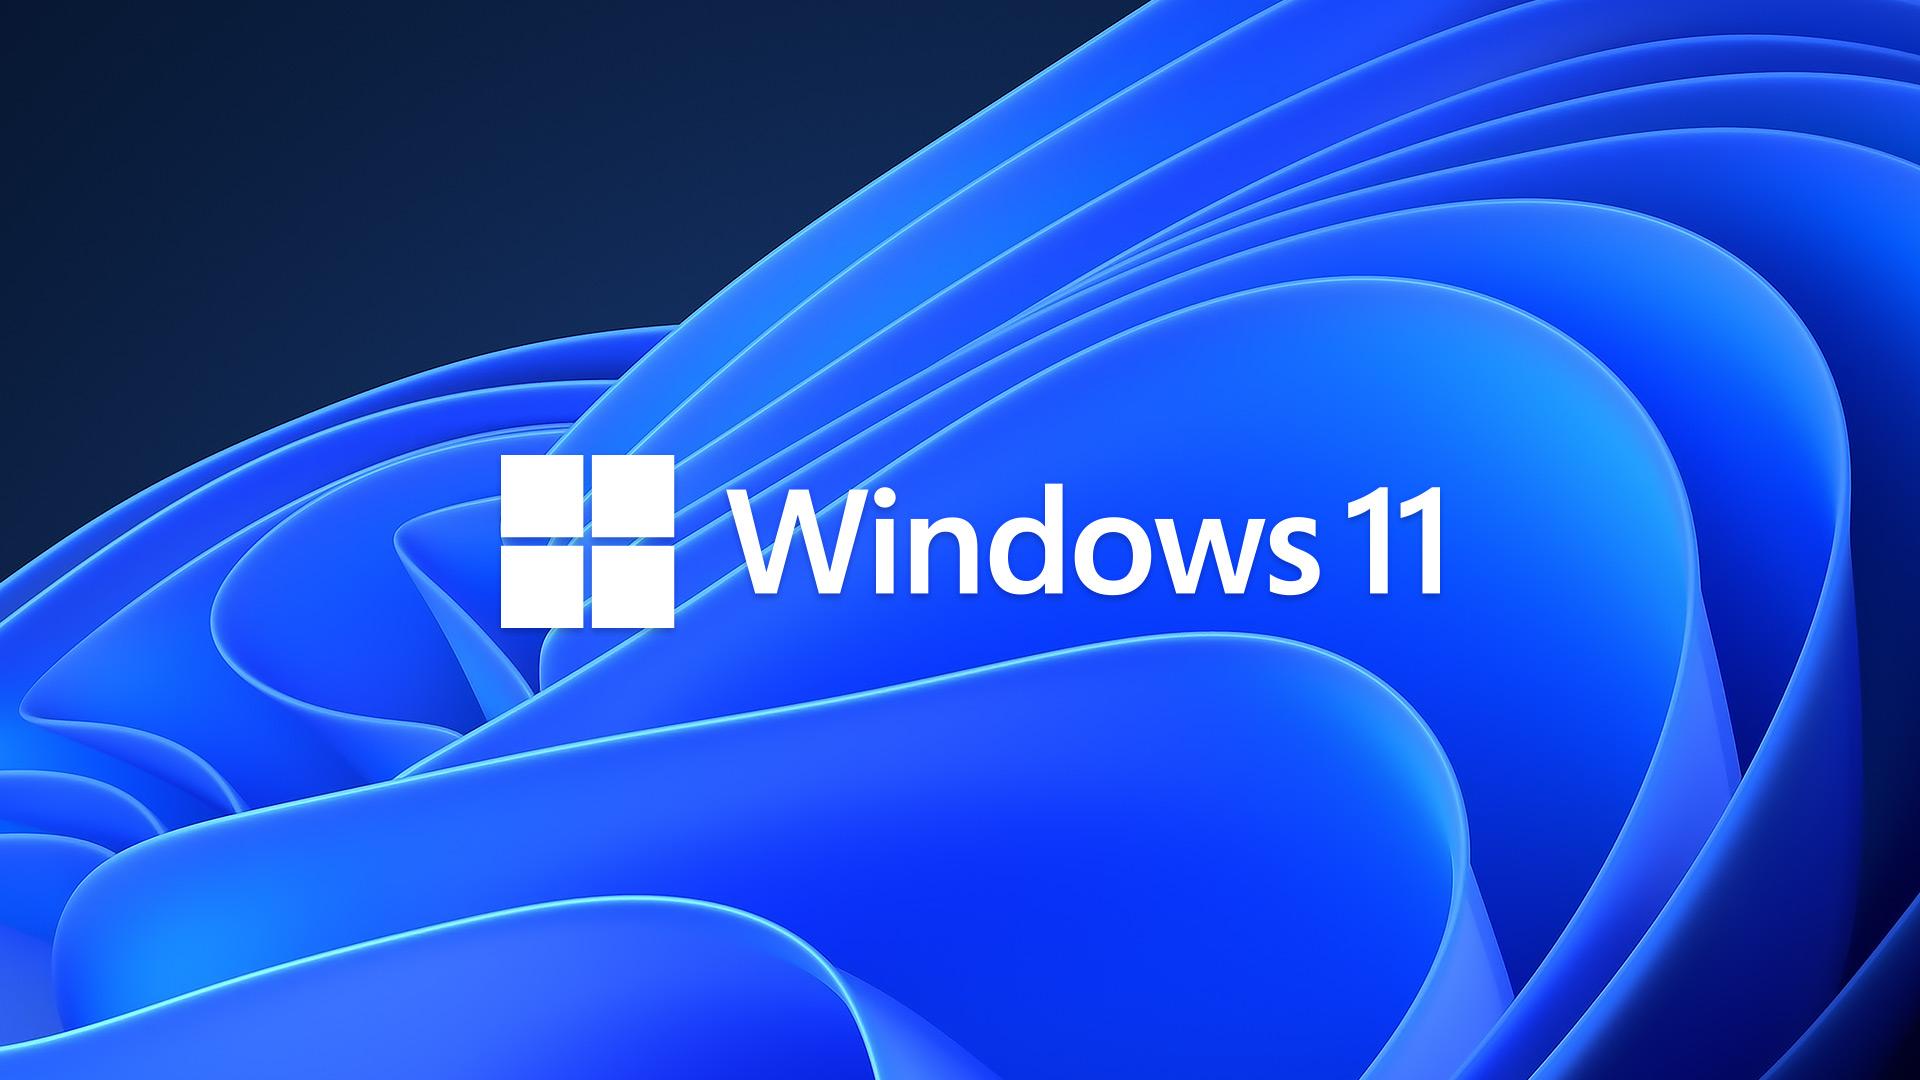 ¡Windows 11 ya esta disponible! Esto es lo que sabemos sobre la nueva actualización